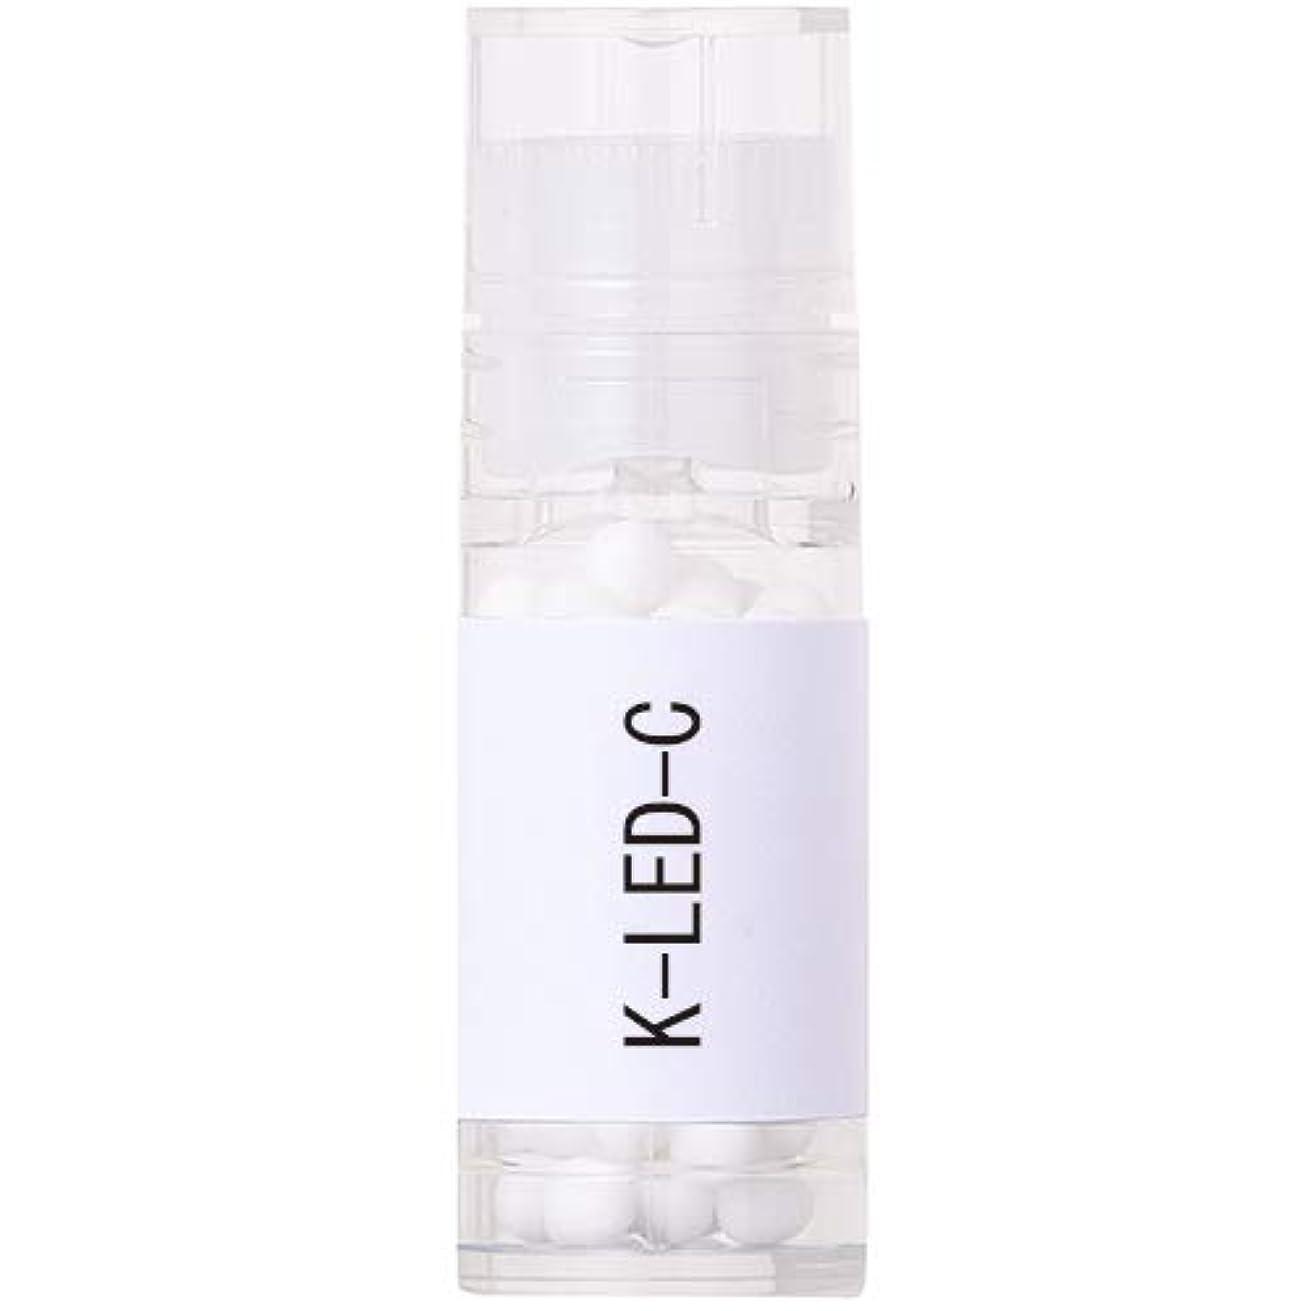 展示会弾丸動機ホメオパシージャパンレメディ Kシリーズ K-LED-C(大ビン) 2.6g(約100粒)